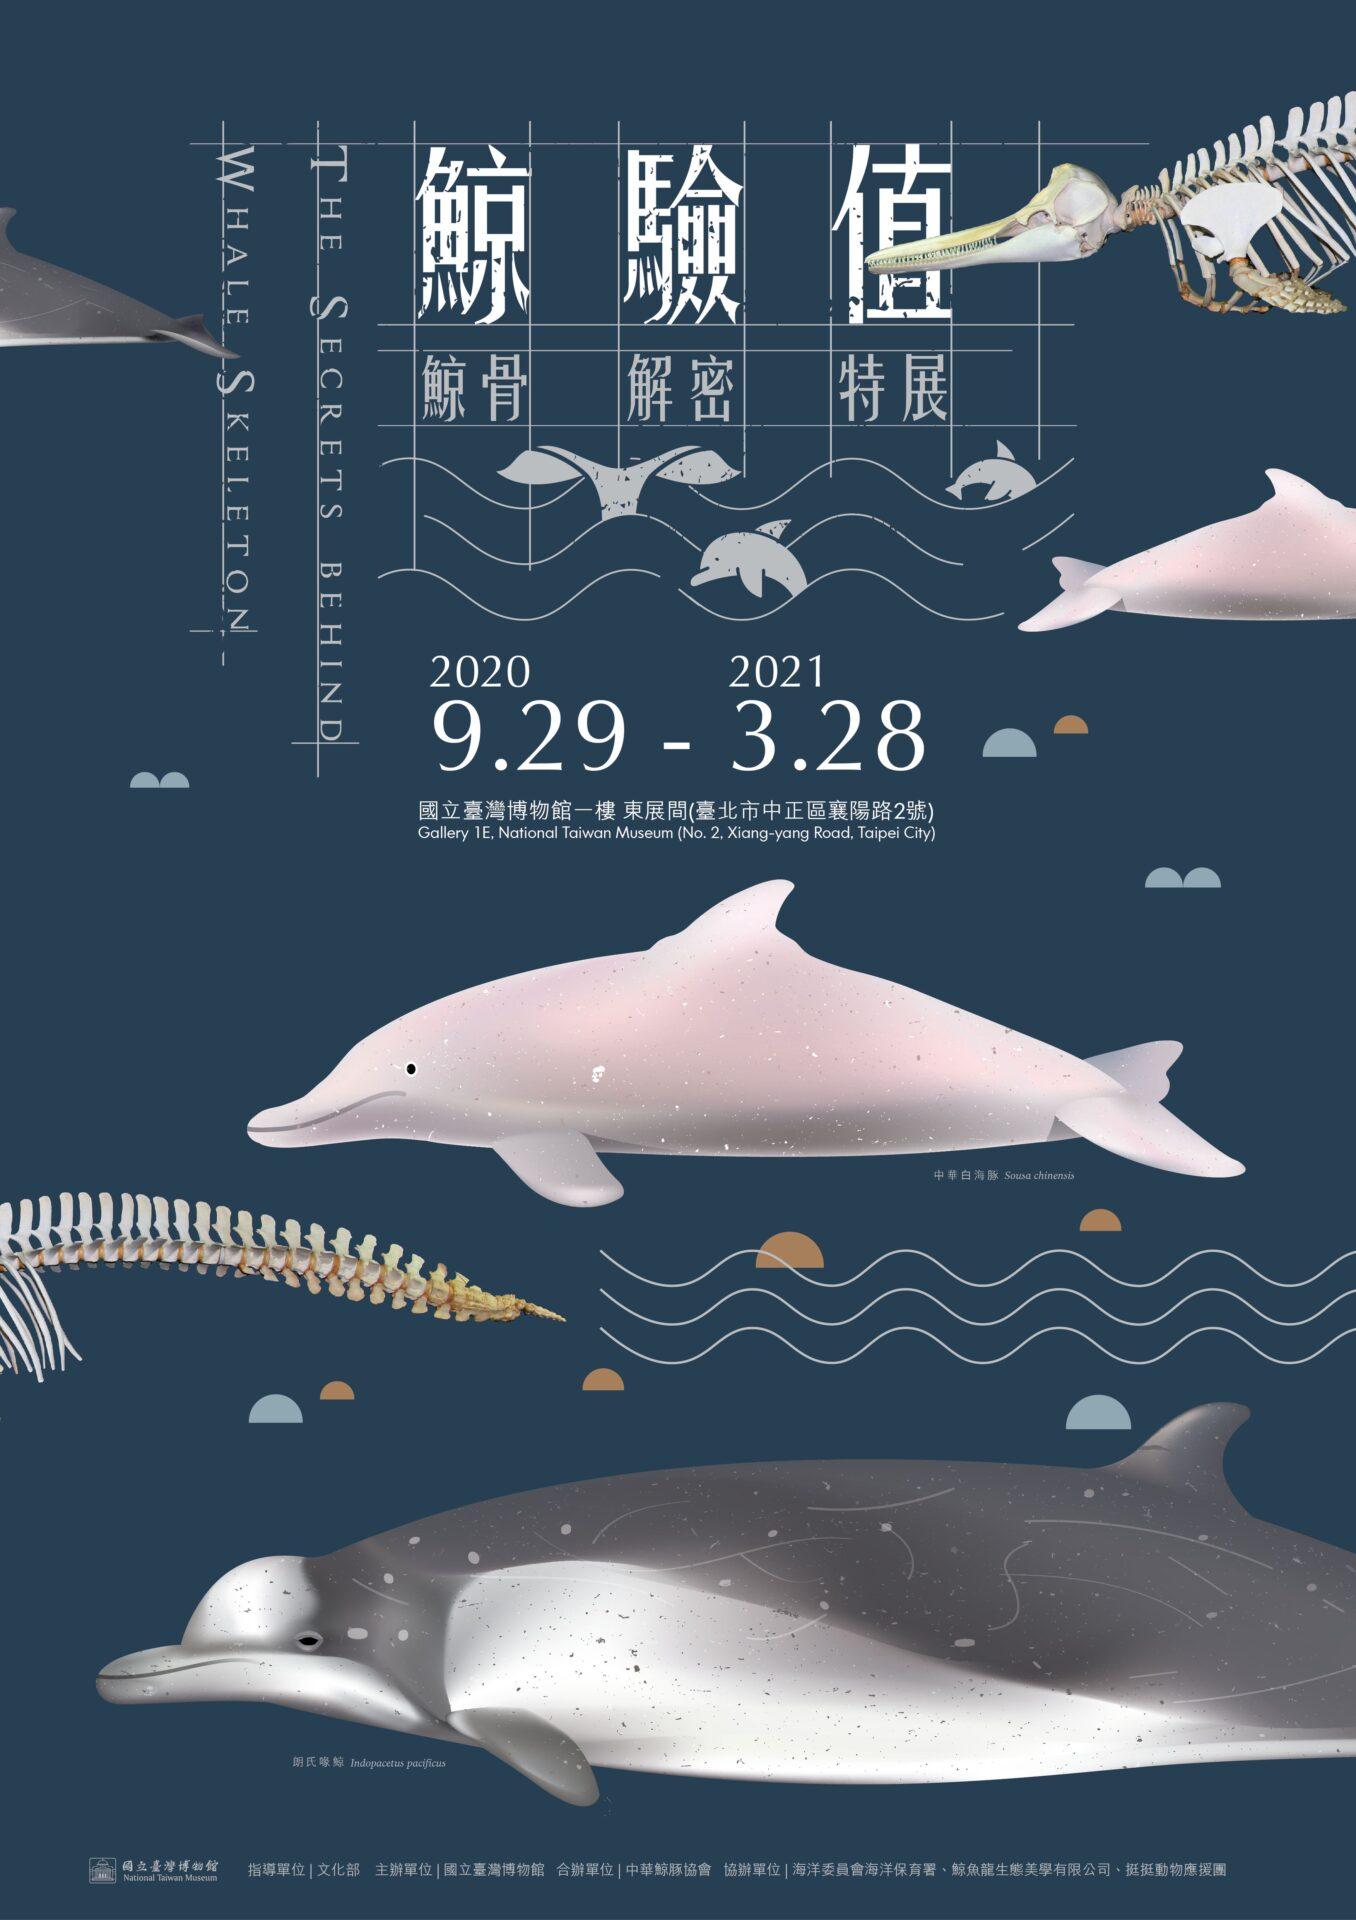 國立臺灣博物館:即日起至2021/3/28【鯨驗值-鯨骨解密特展】